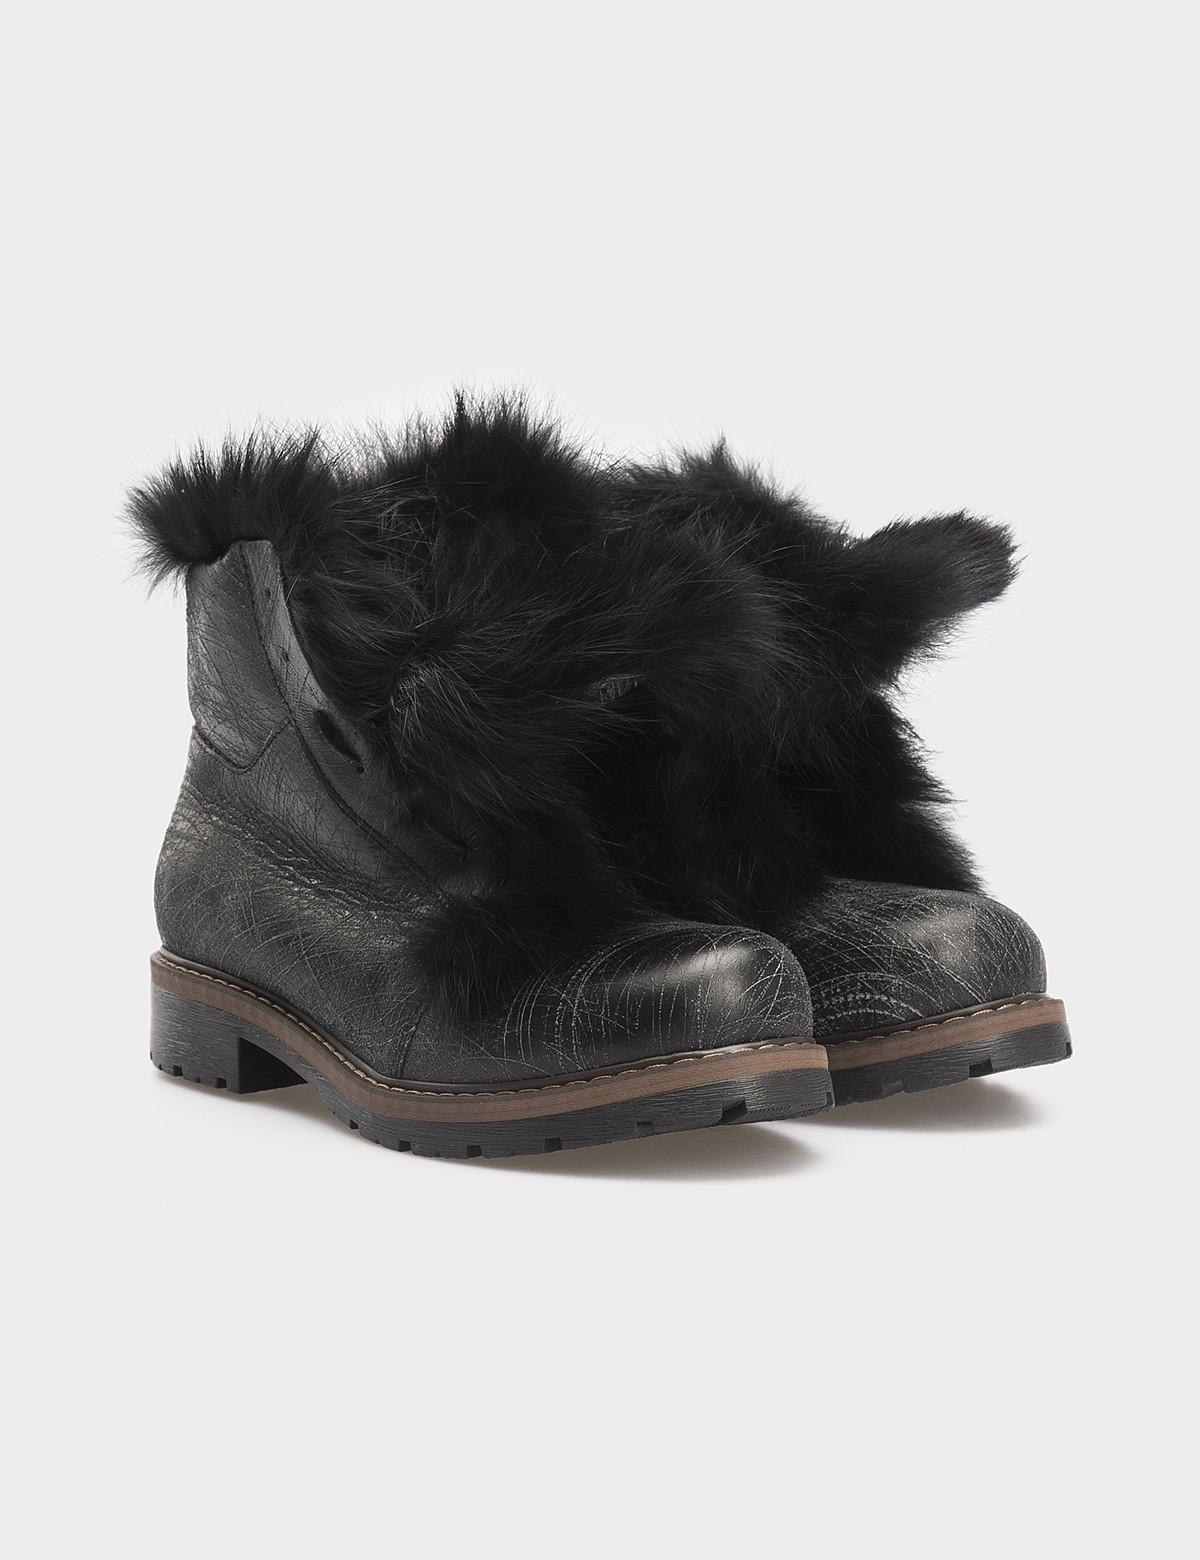 Ботинки черные, натуральная кожа. Мех1